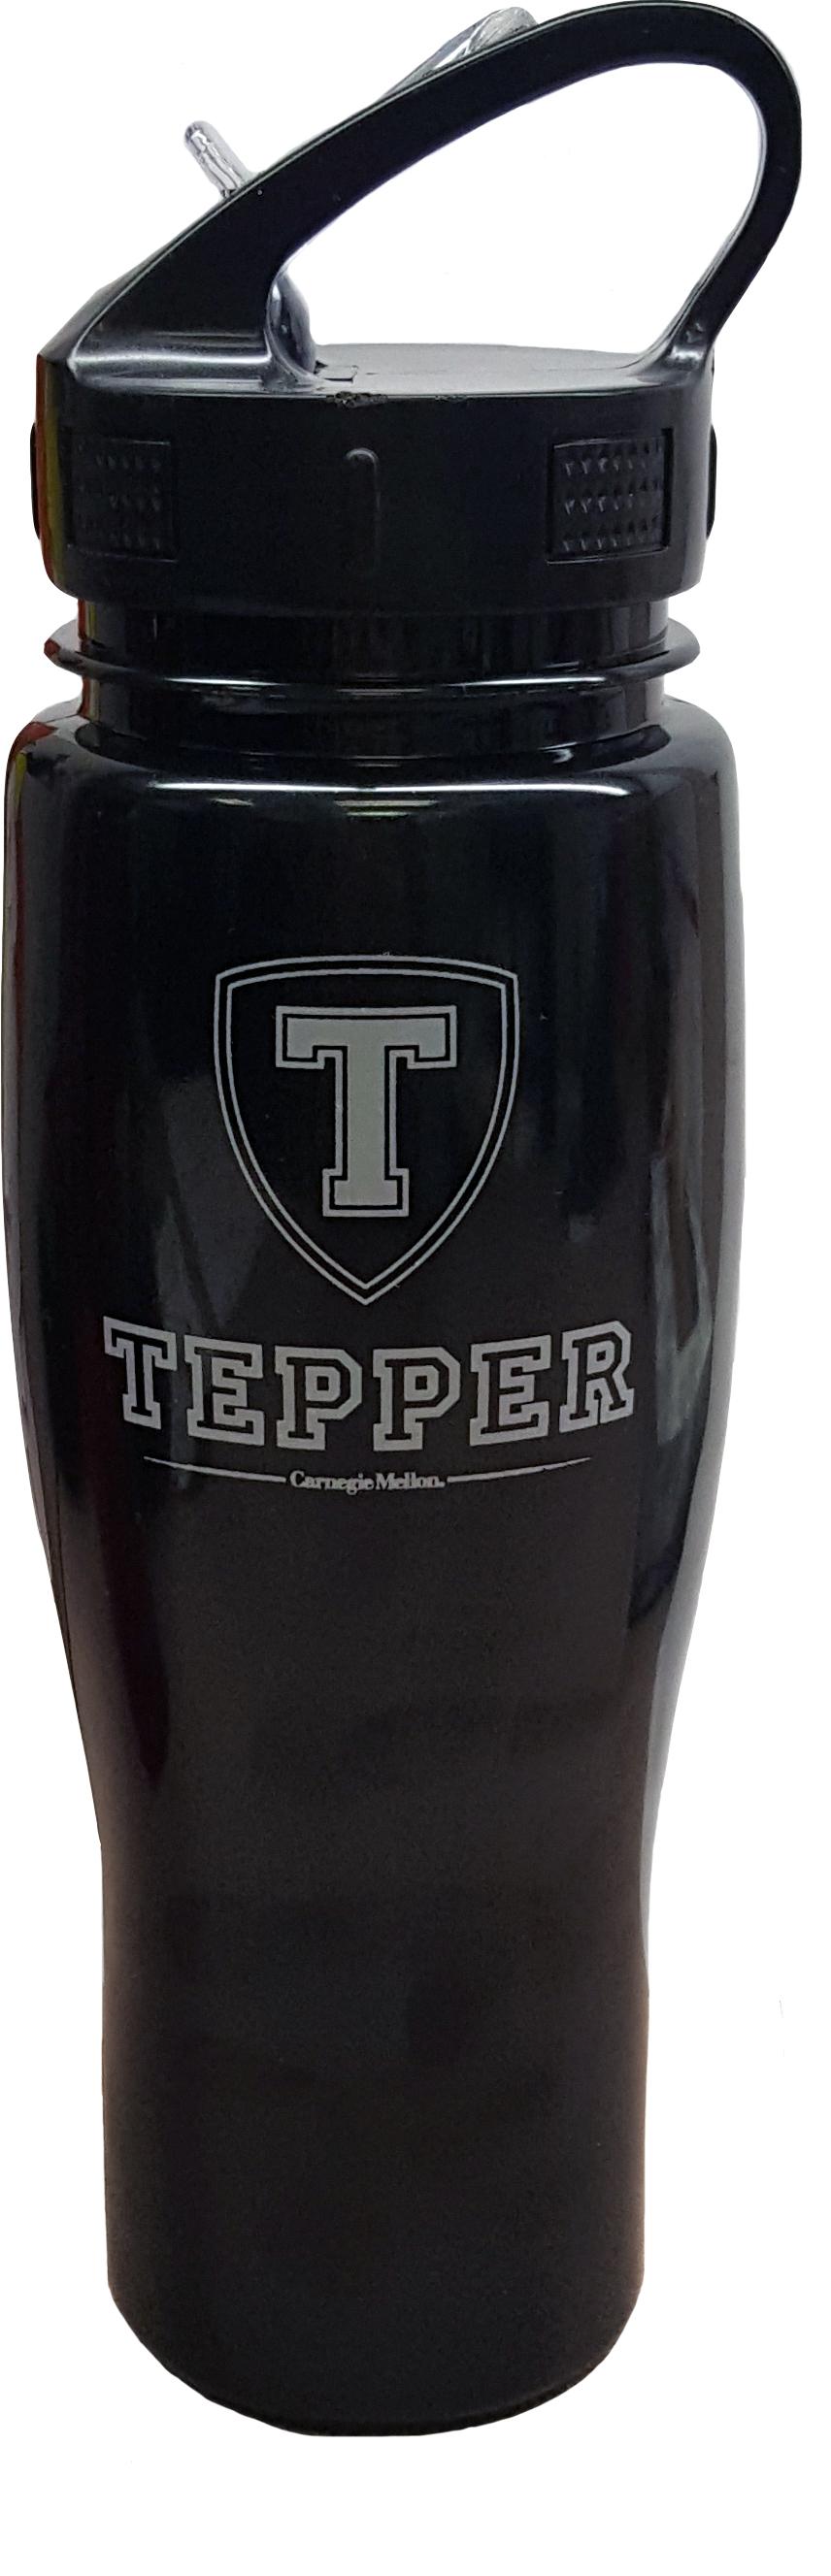 Tepper Water Bottle: Black